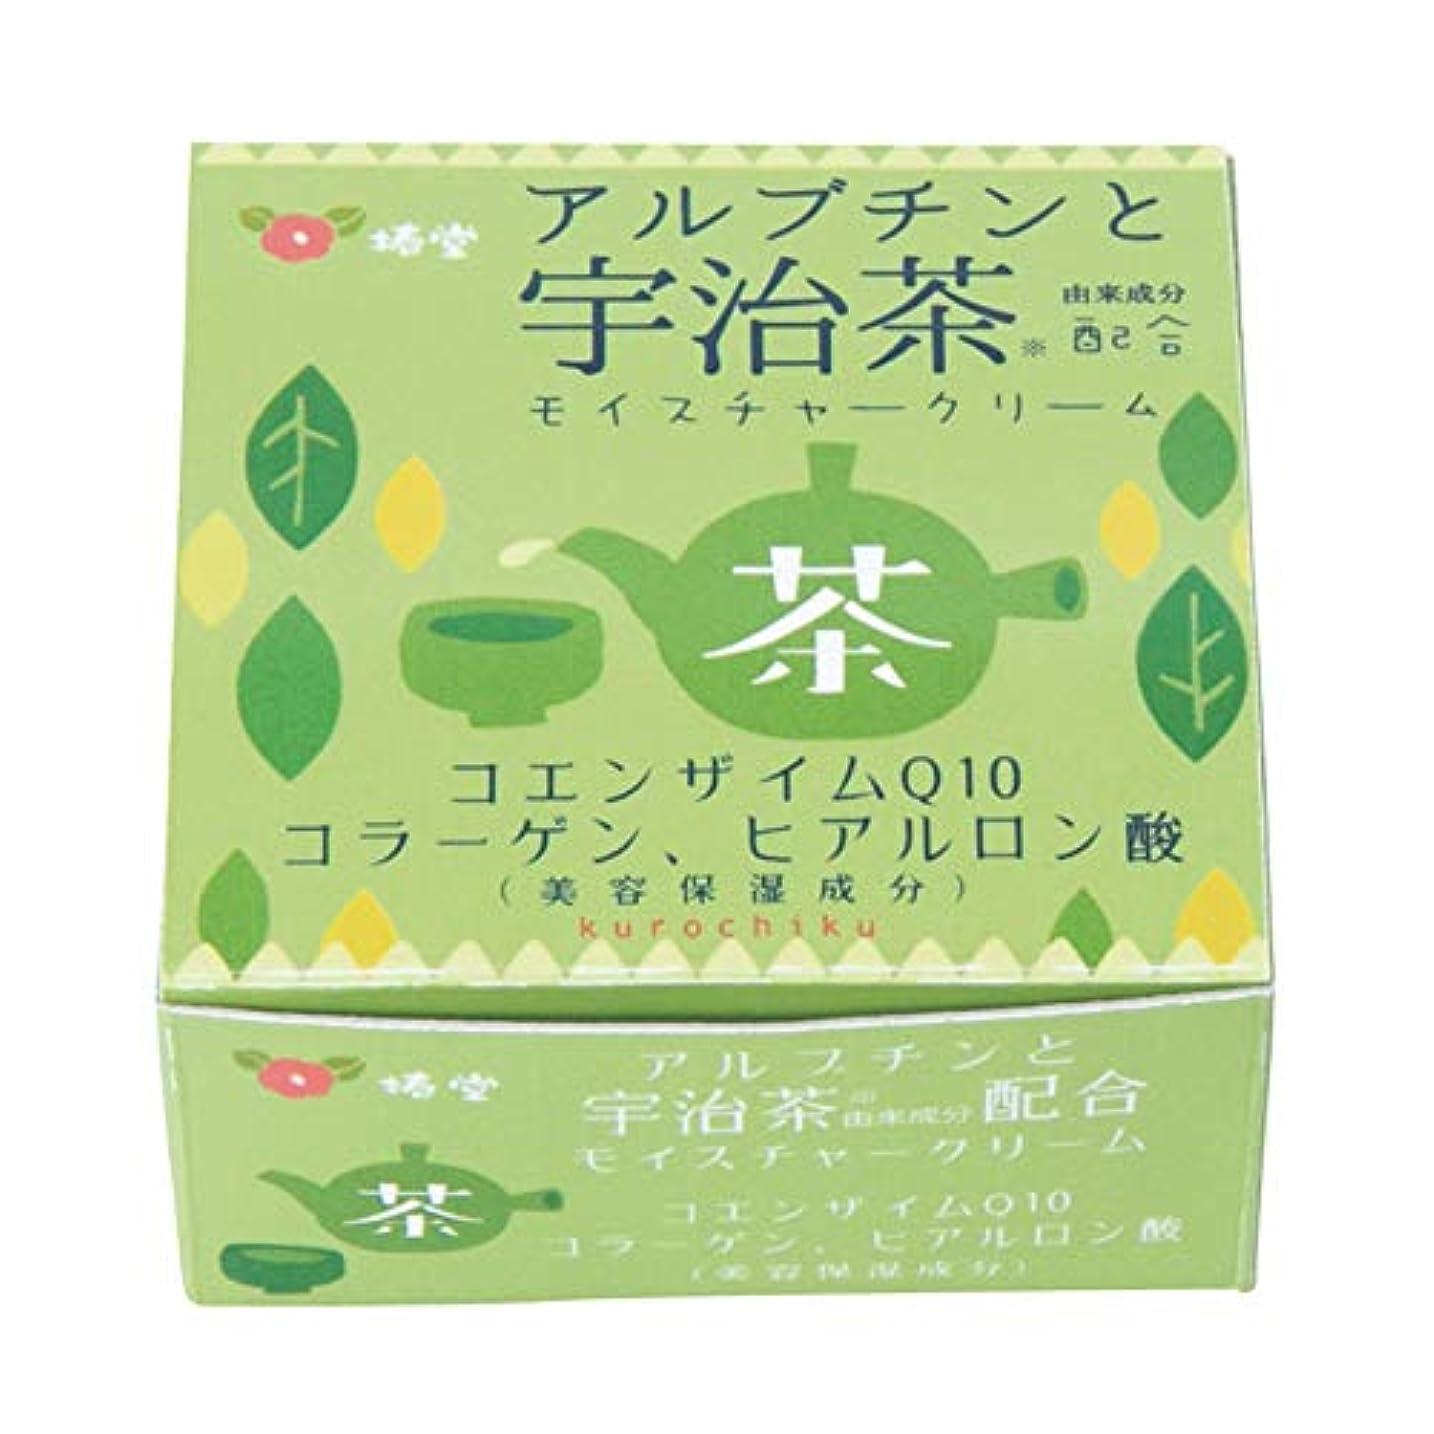 国勢調査翻訳強化する椿堂 宇治茶モイスチャークリーム (アルブチンと宇治茶) 京都くろちく